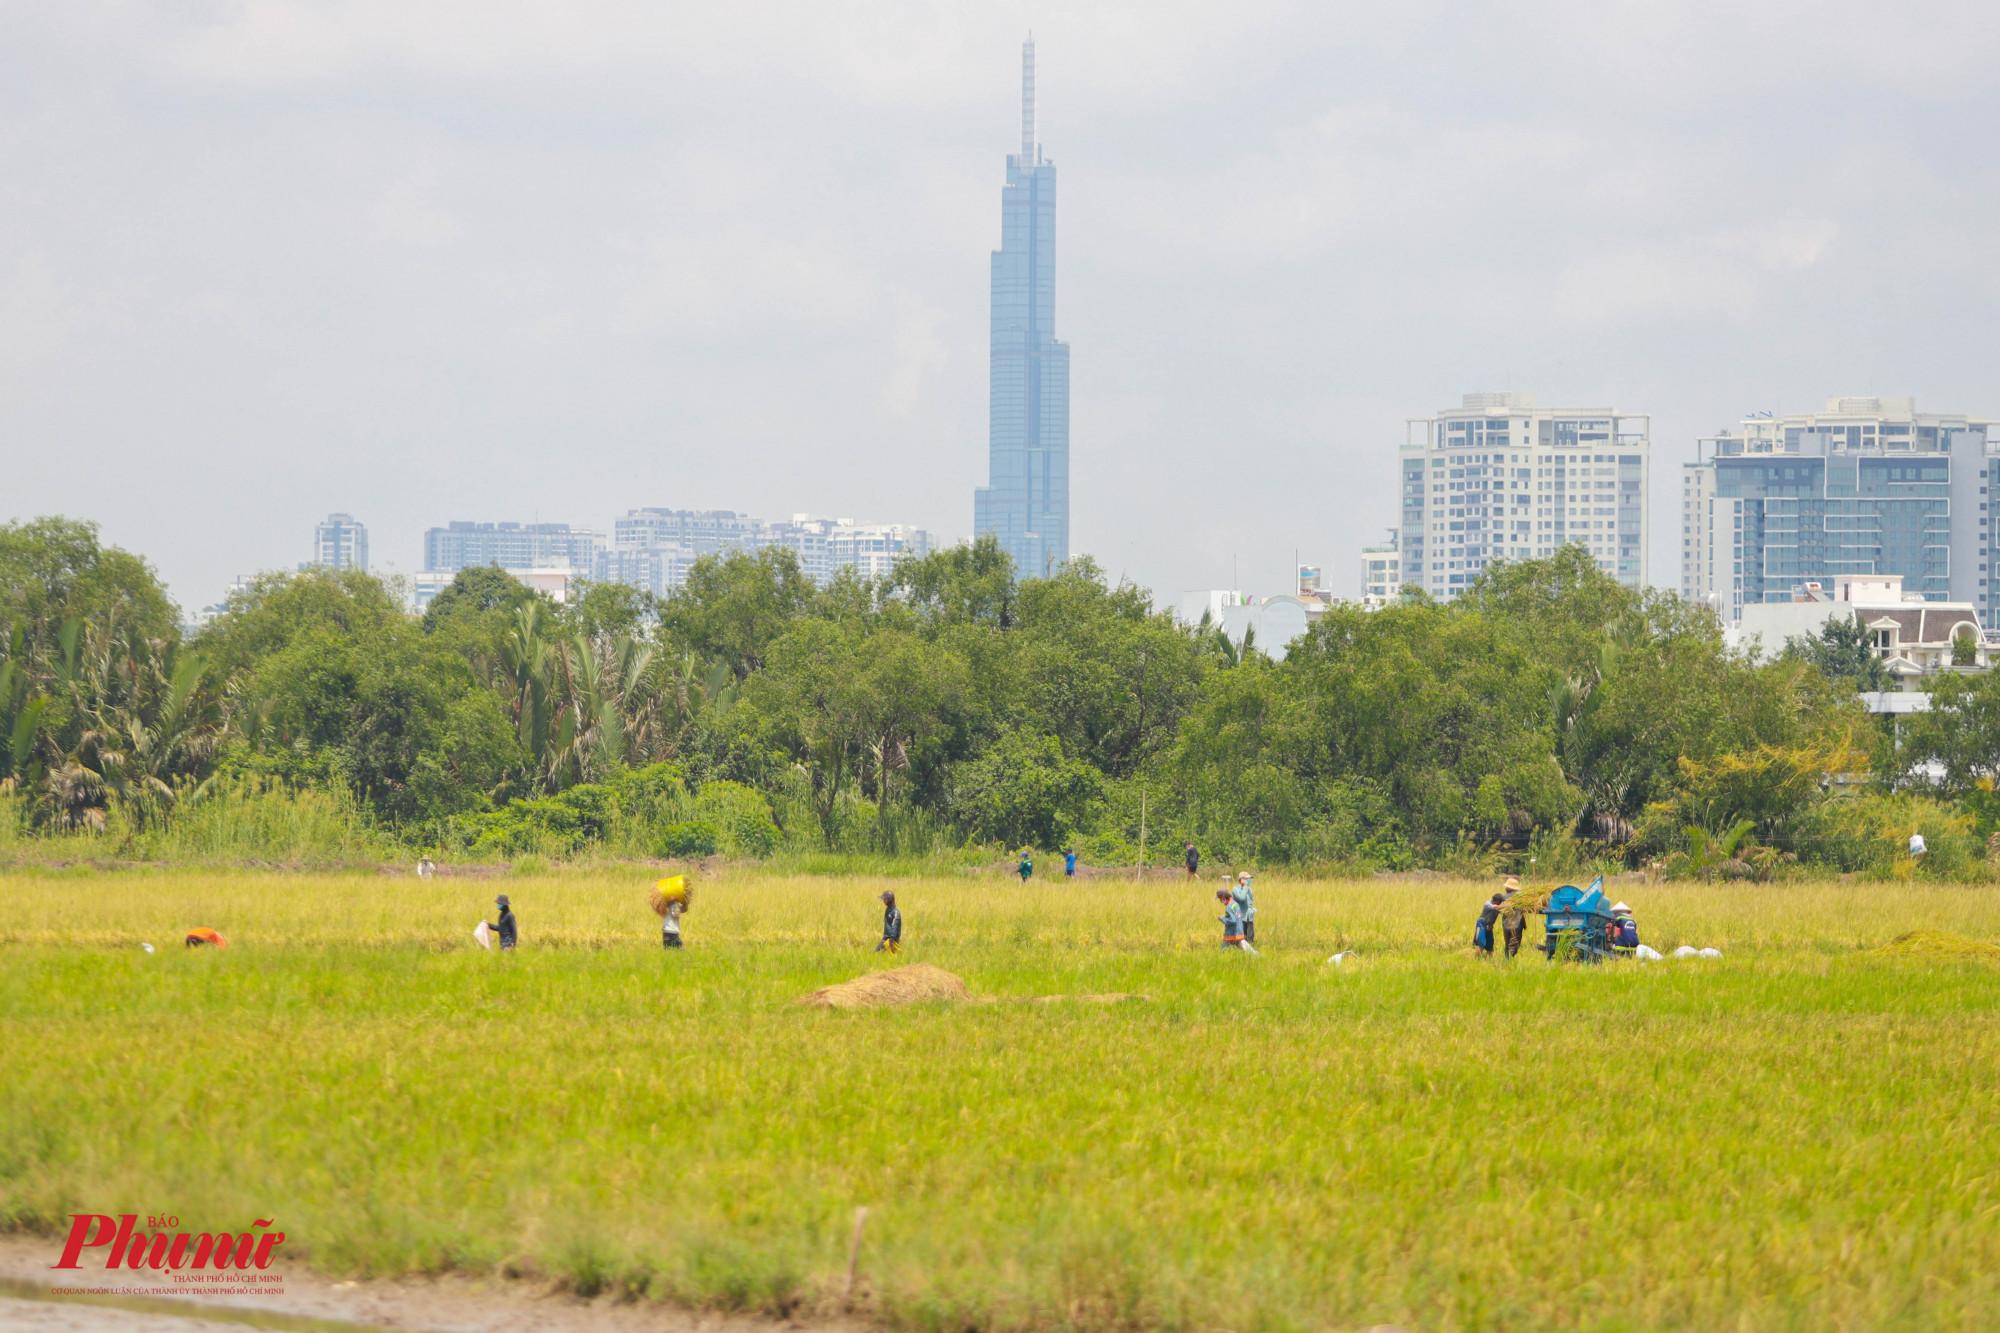 Cánh đồng lúa cạnh trạm thu phí cầu Phú Mỹ (quận 2) rộn tiếng cười, nói của bà con gặt lúa